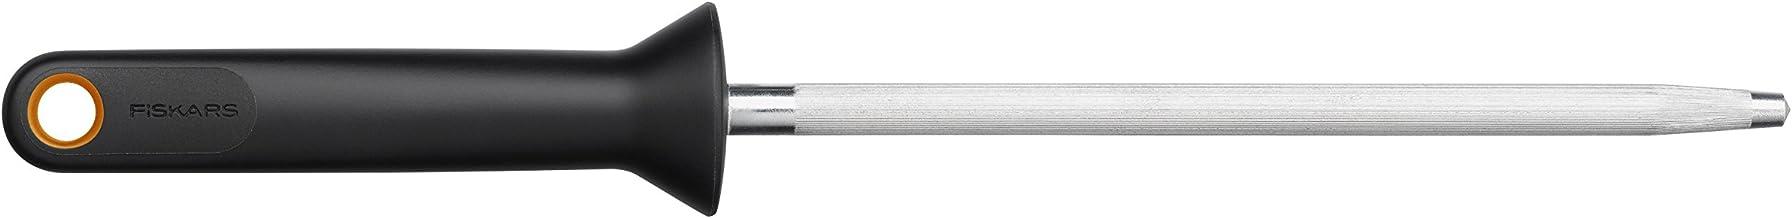 Fiskars, Sharp Knives and Scissors, Length: 20 cm Sharpening Steel, one Size, Black